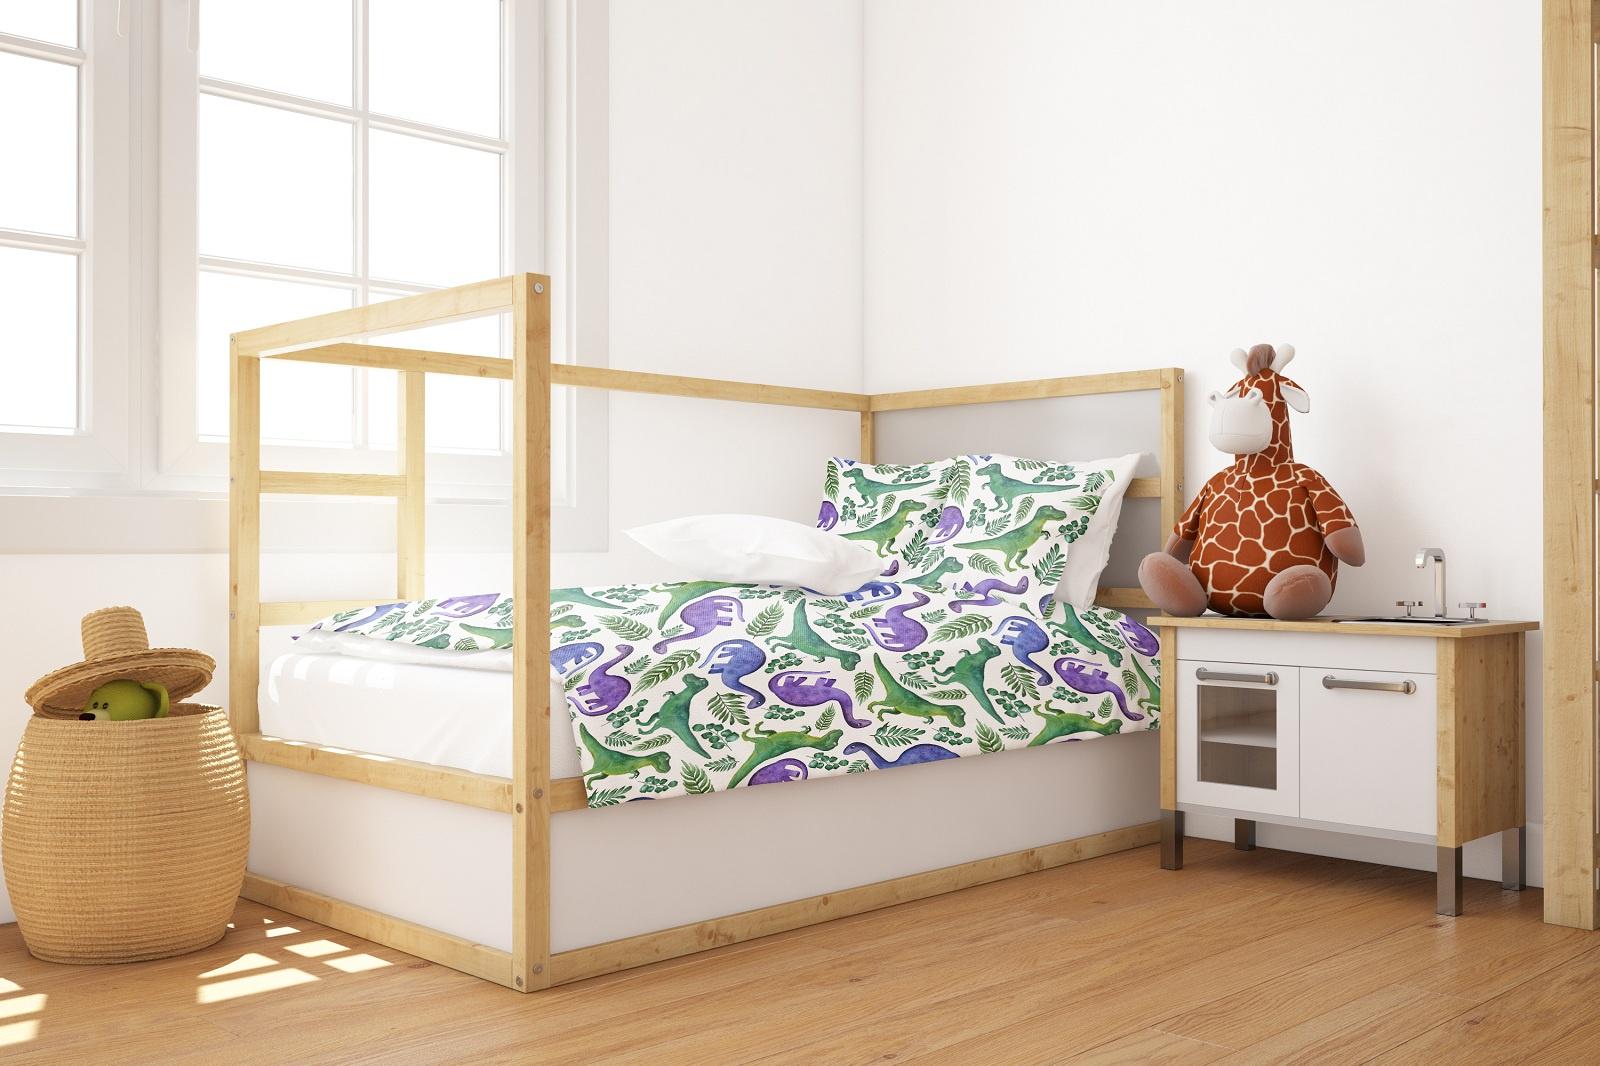 Комплект постельного белья Marengotextile Акварельные динозаврики, полуторный пододеяльник коллекция котик бязь 1 5 спальный 150х210 см